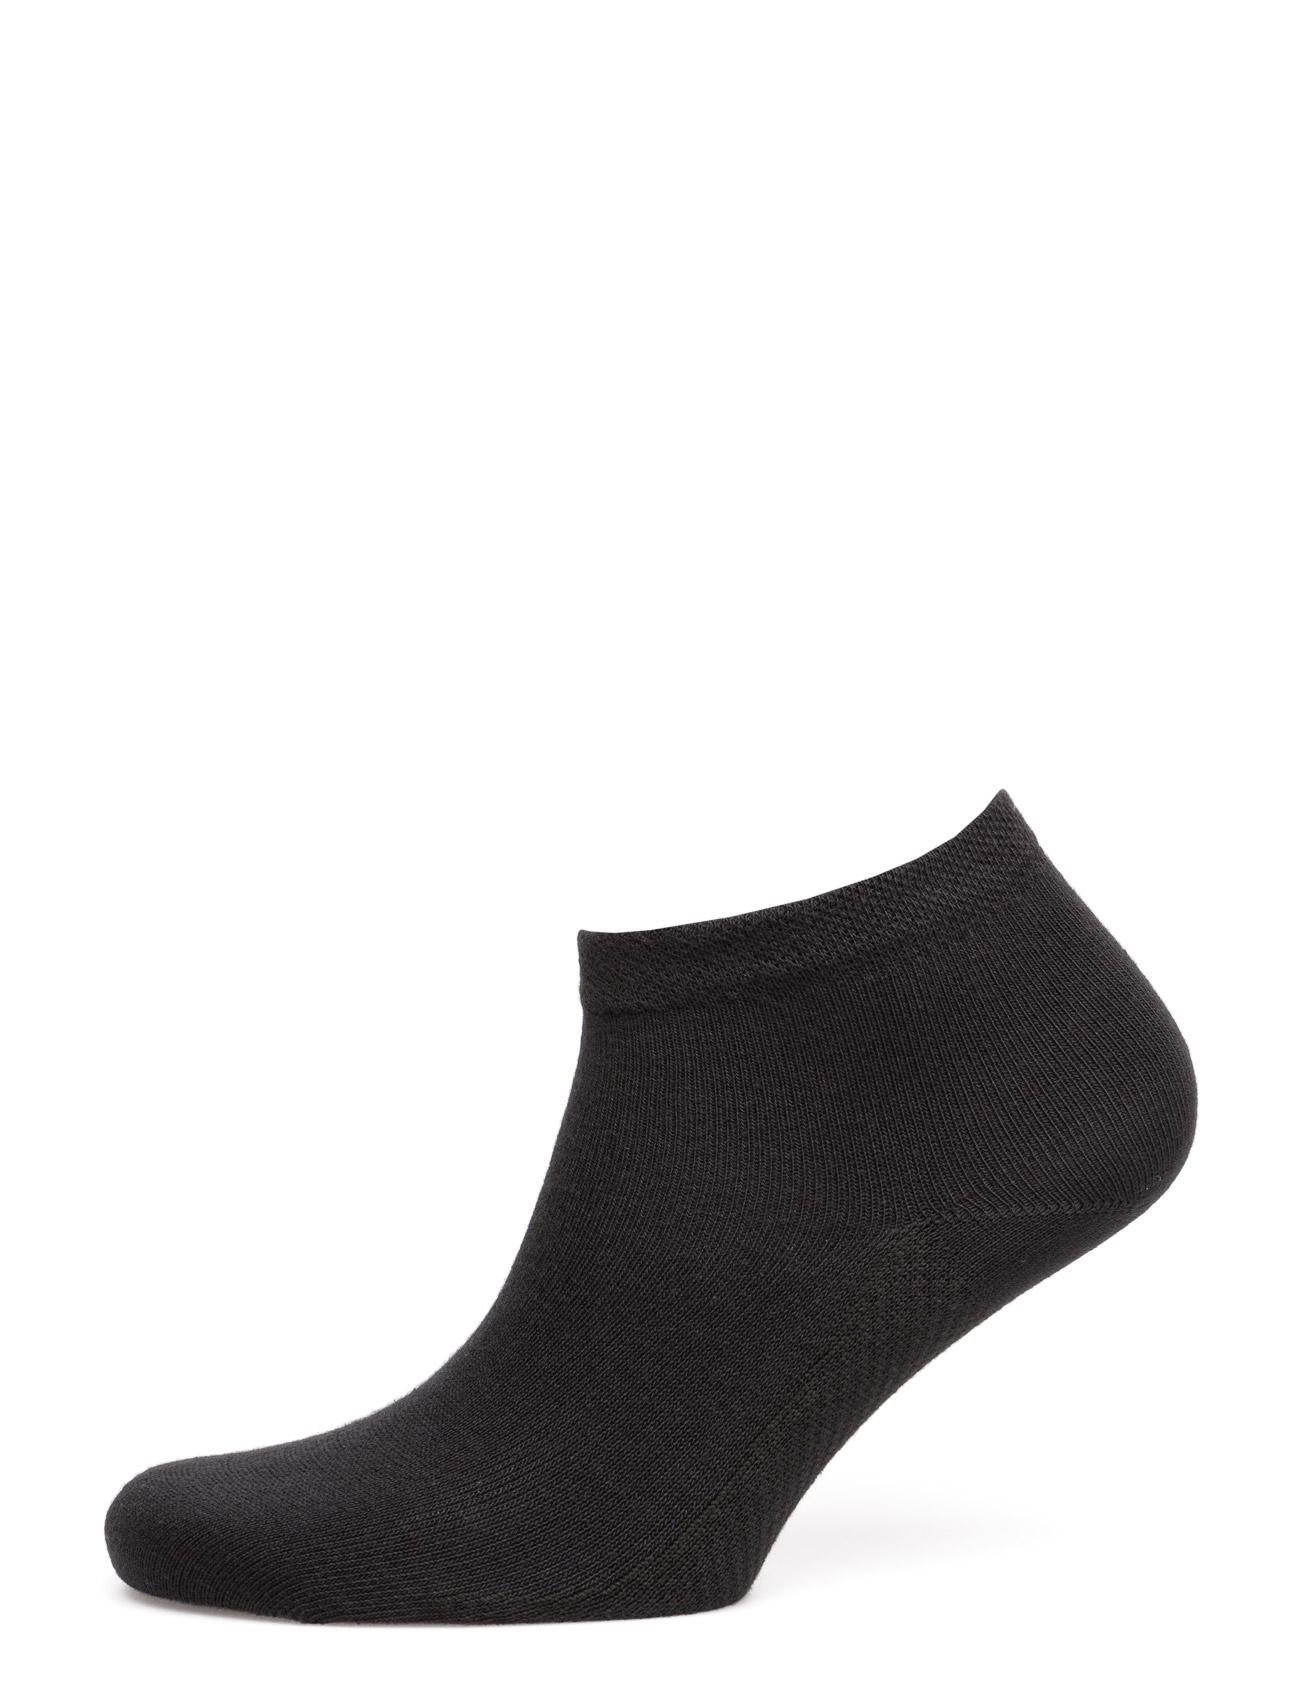 Hudson Dry Cotton Strumpor & tights